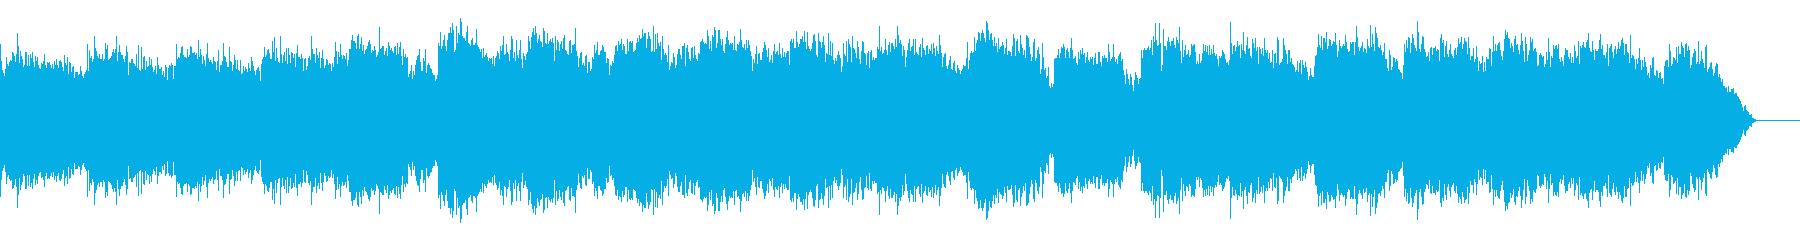 シンセサイザーとケーナのヒーリング音楽の再生済みの波形